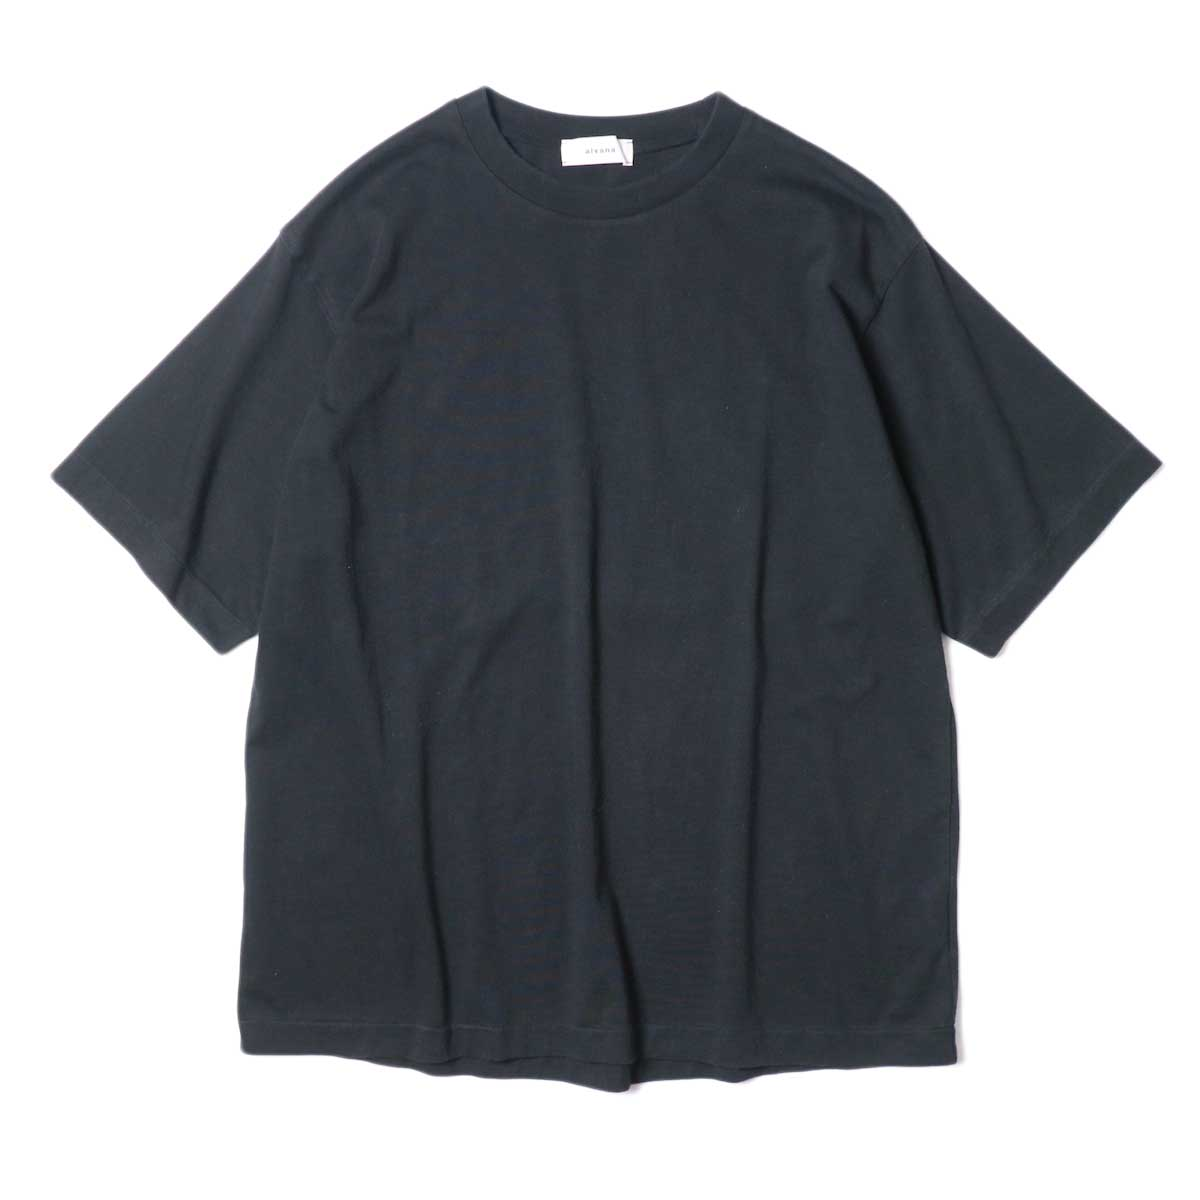 alvana / Dairy Oversize Tee Shirts (Black)